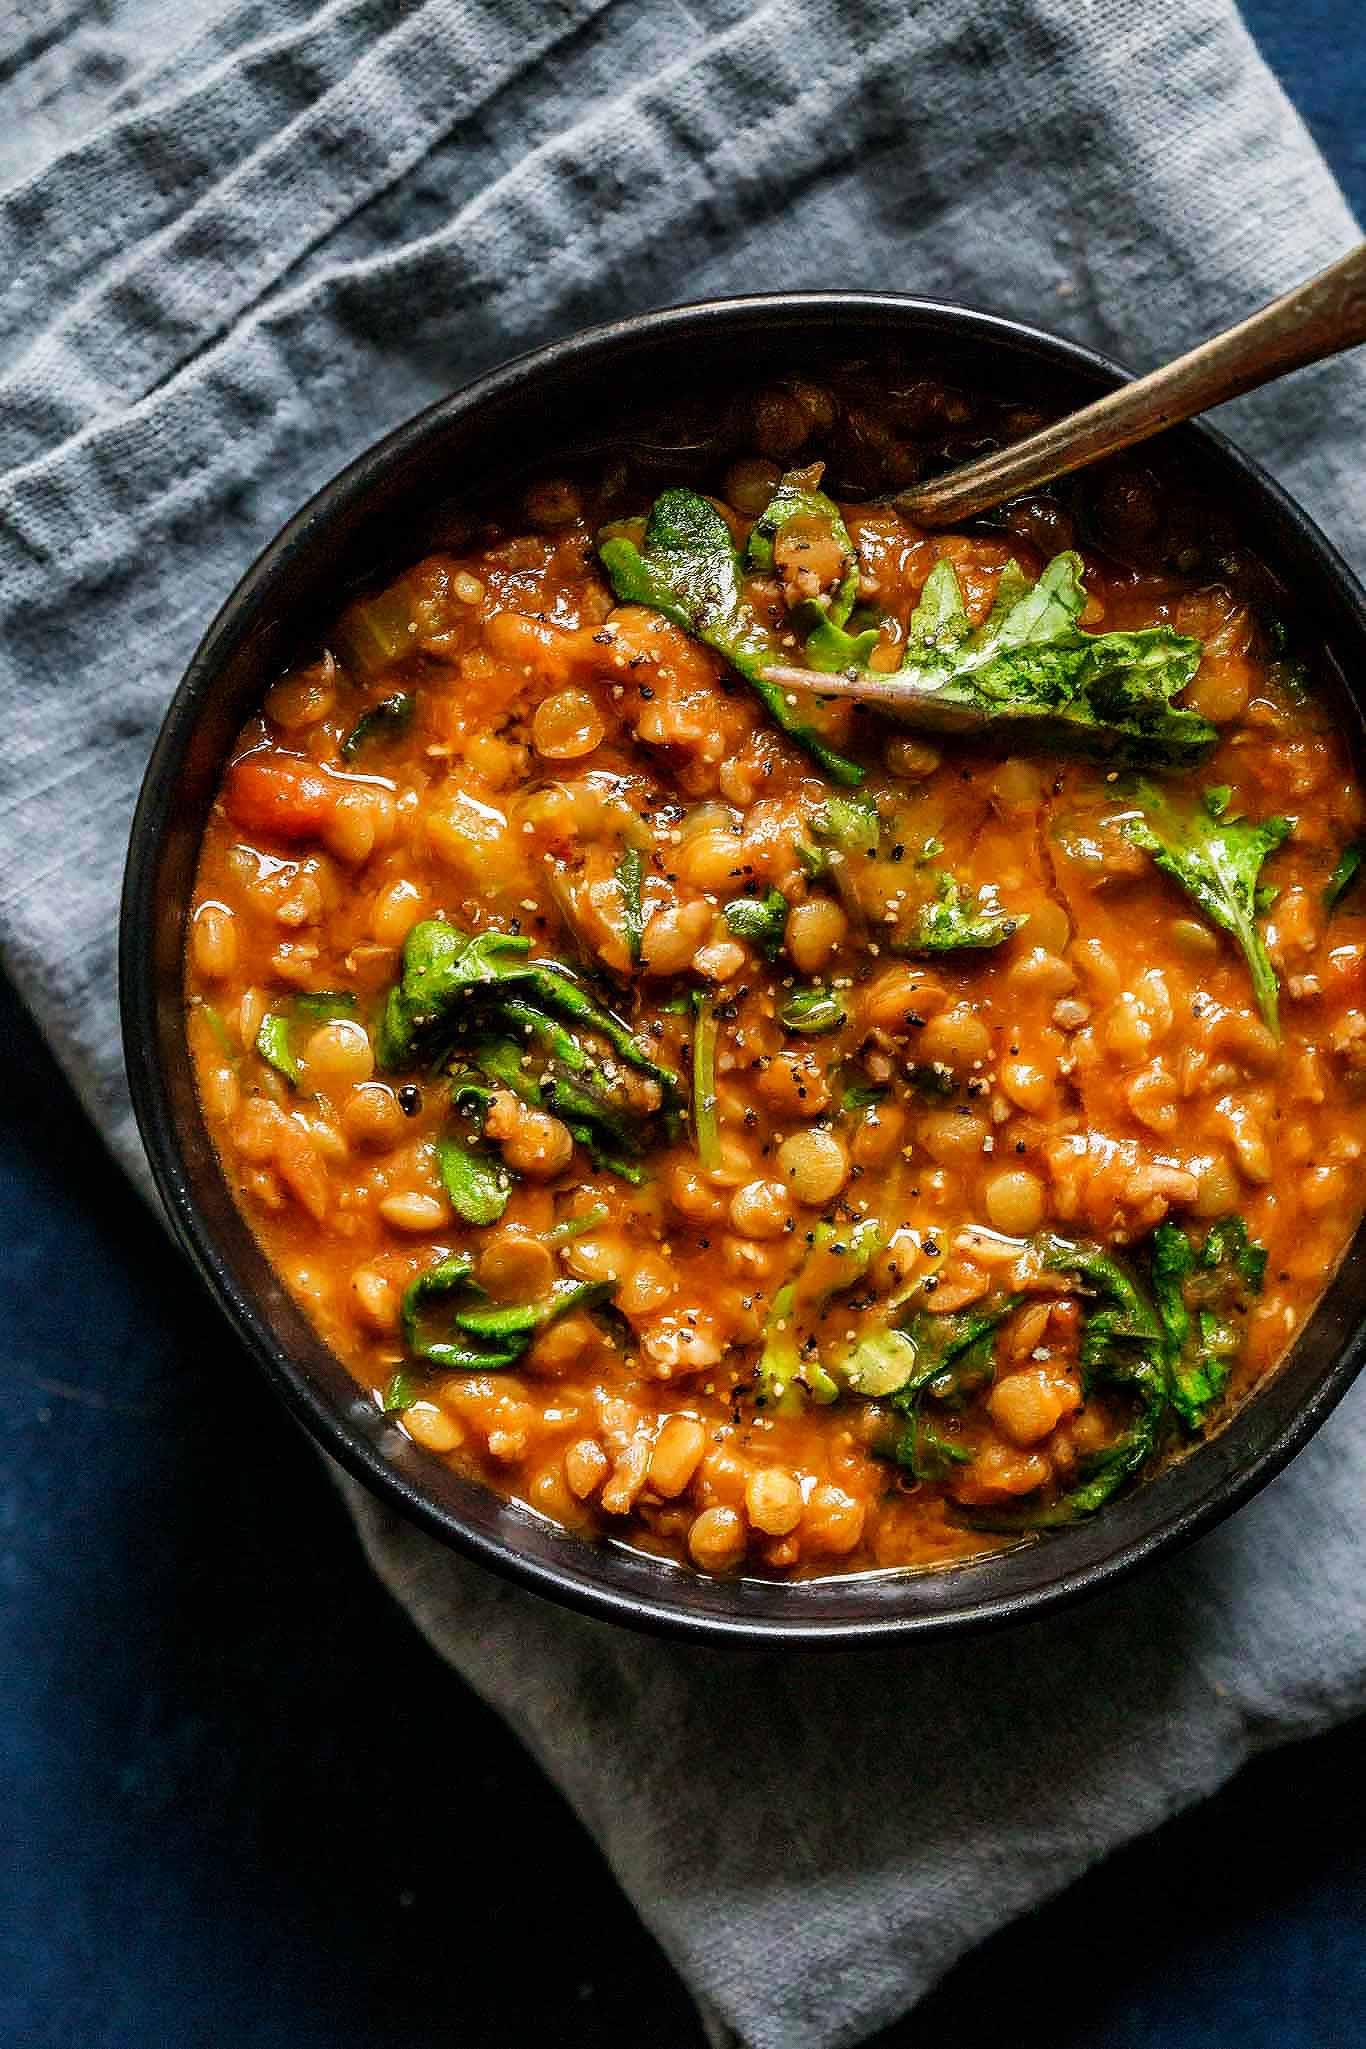 Healthy Instant Pot Soup Recipes  Instant Pot Lentil Soup with Sausage & Kale